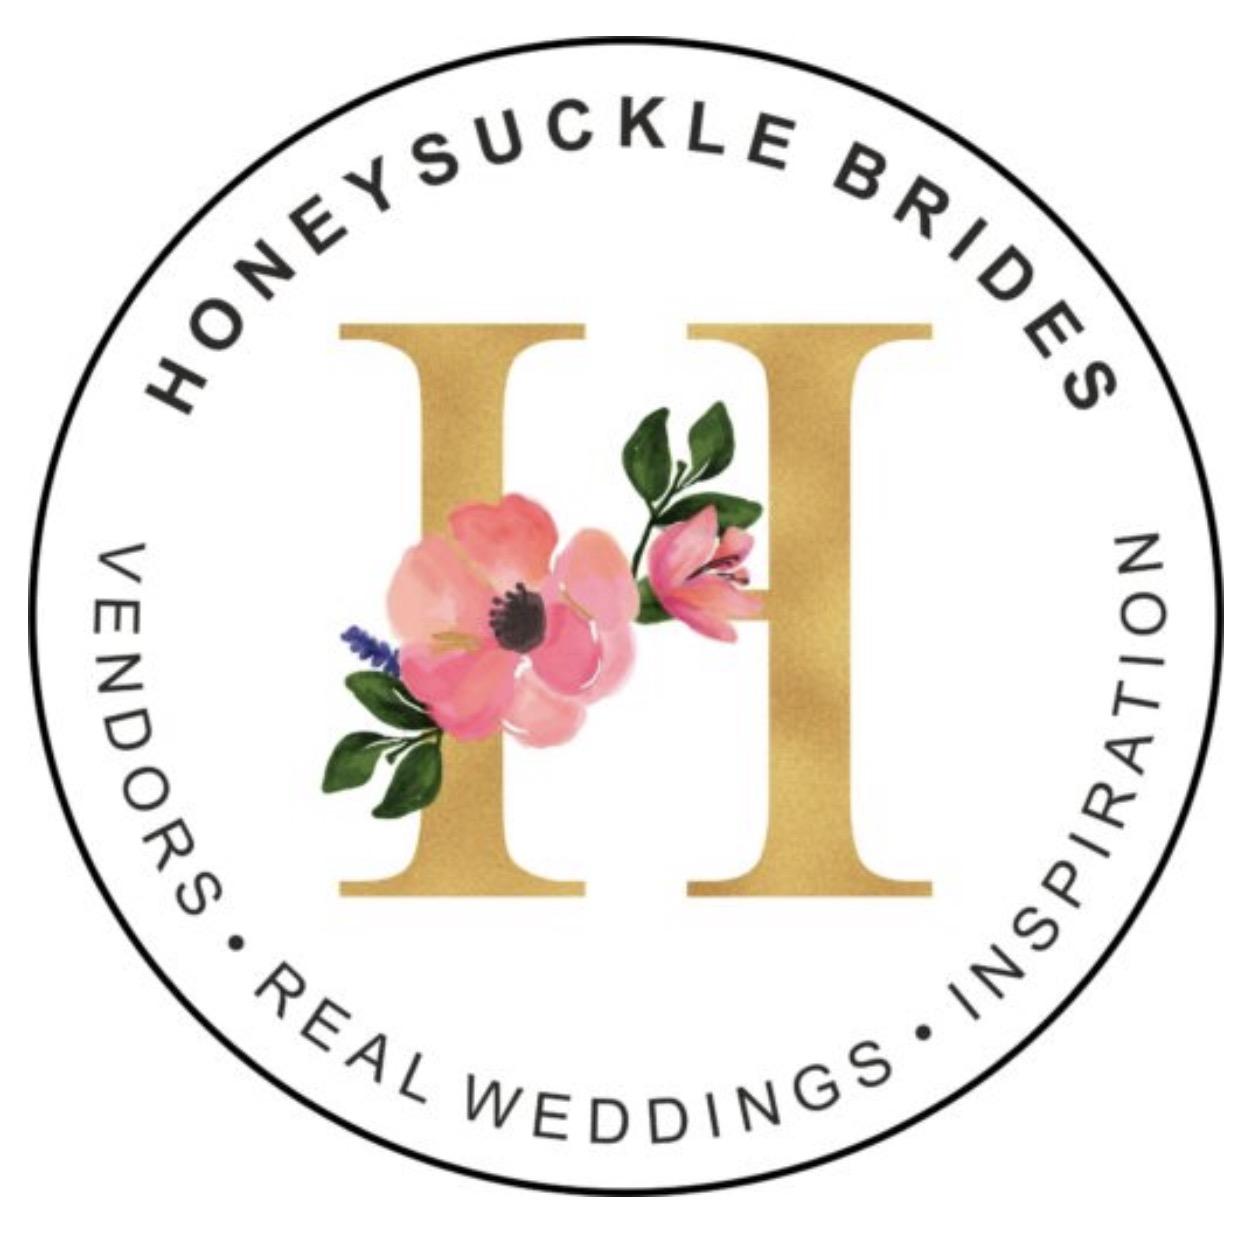 Honeysuckle Brides blog featured 1/25/2018